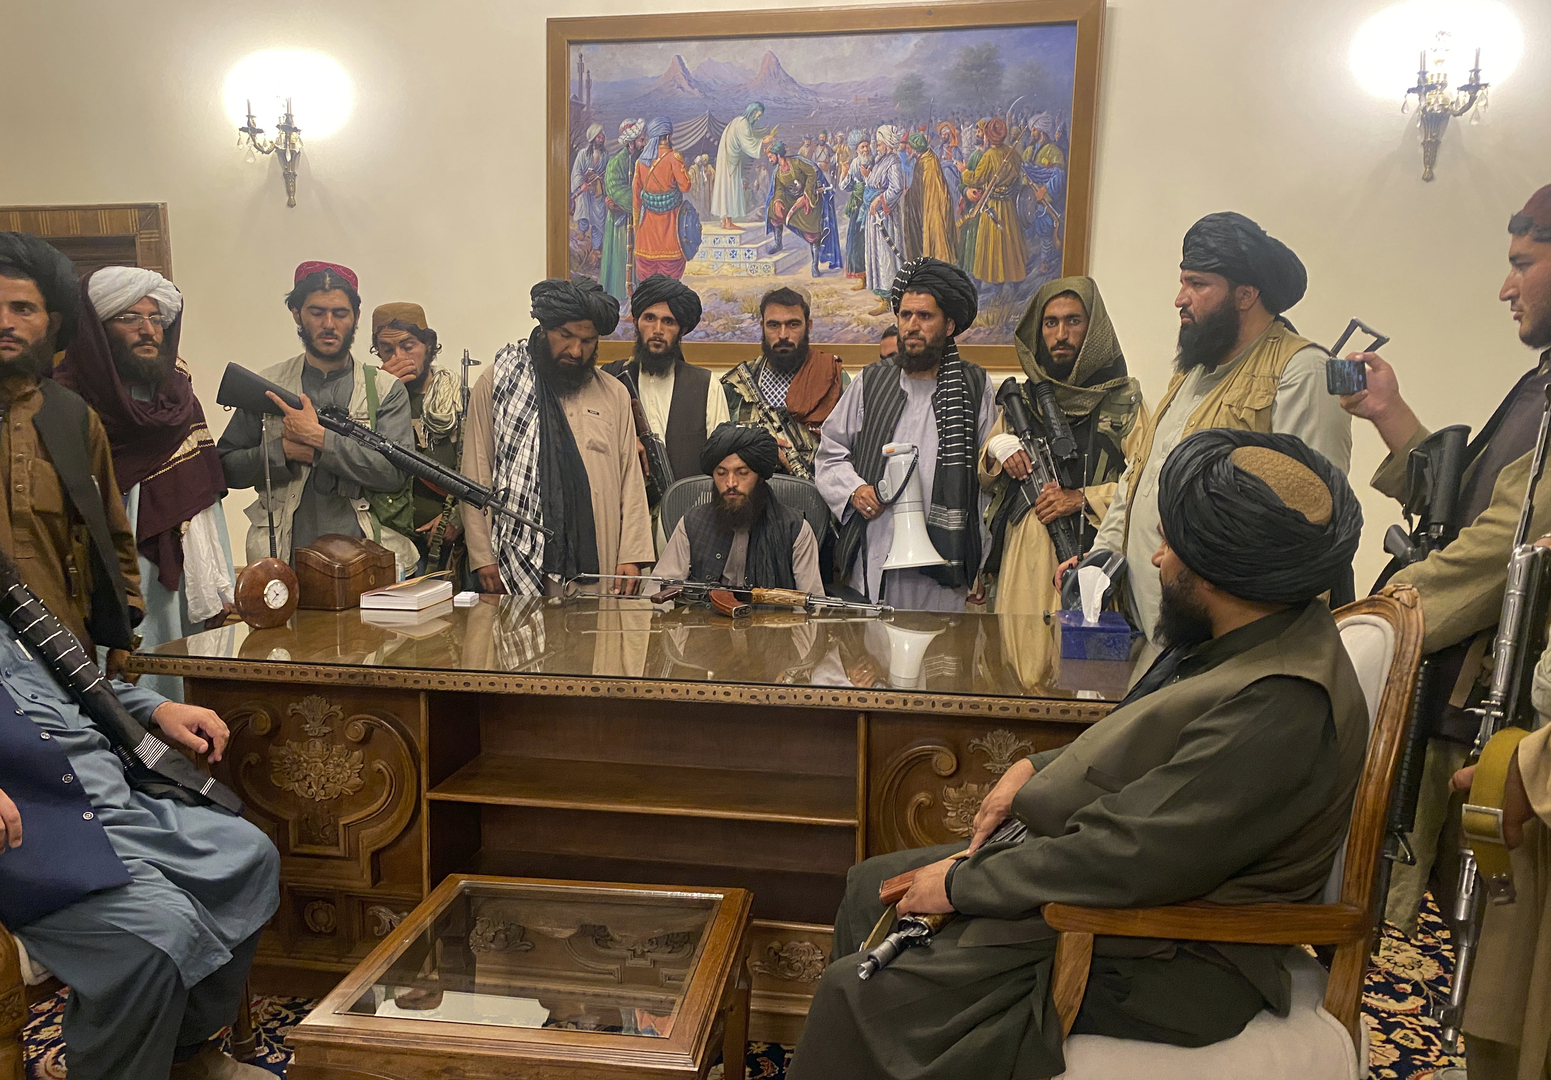 المبعوث الأمريكي لأفغانستان: فرار غني أفسد اتفاق اللحظة الأخيرة مع